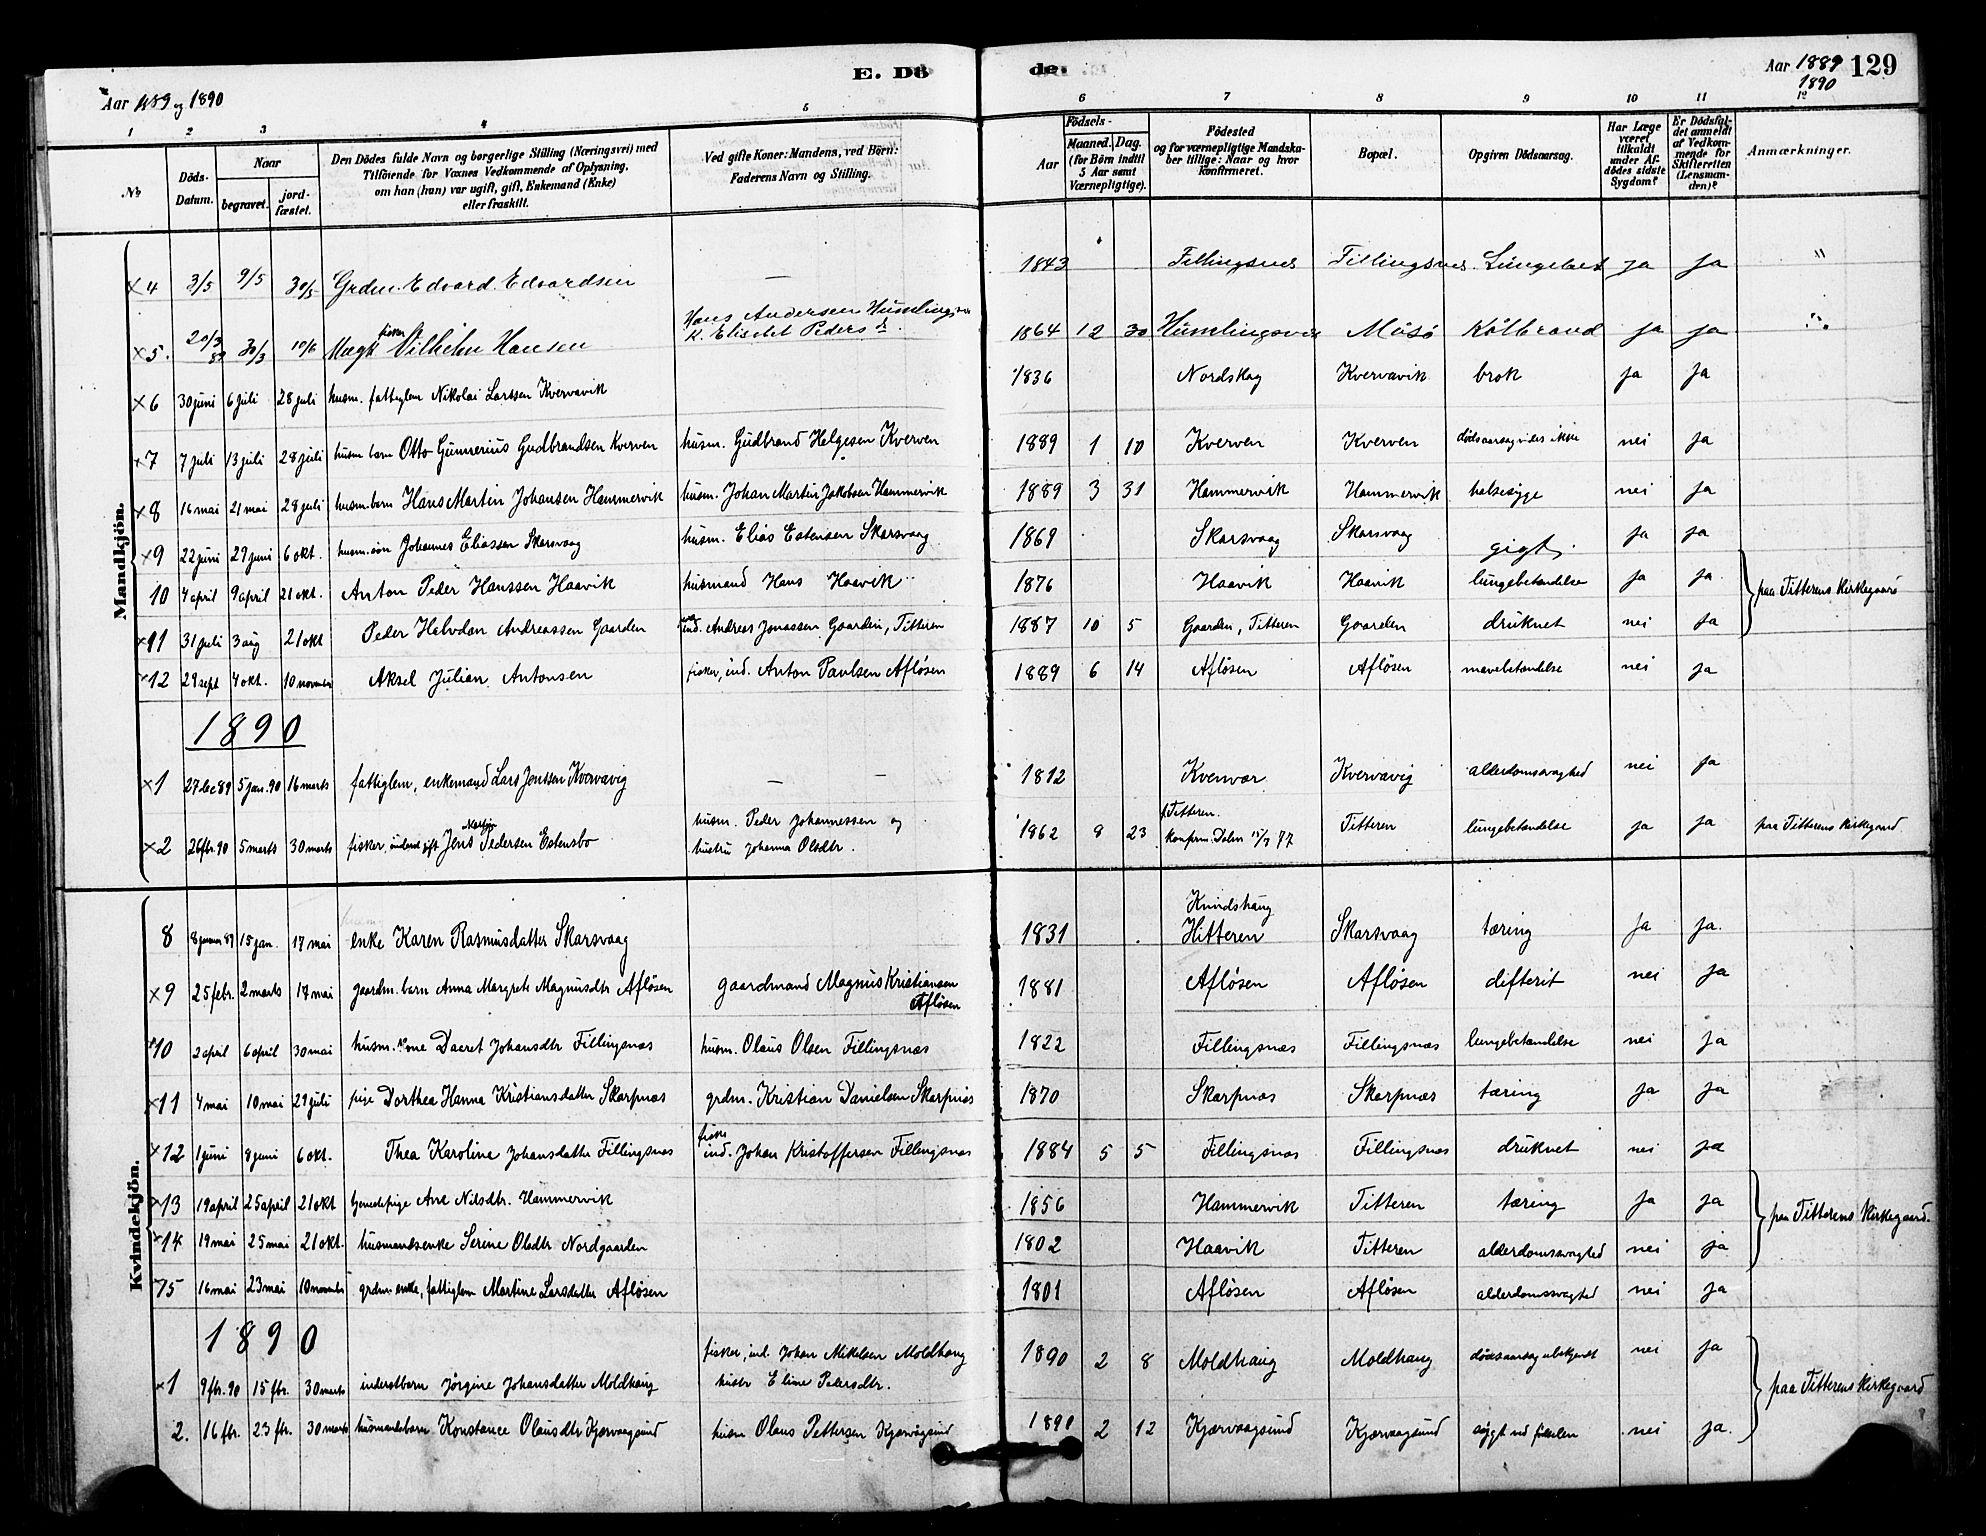 SAT, Ministerialprotokoller, klokkerbøker og fødselsregistre - Sør-Trøndelag, 641/L0595: Ministerialbok nr. 641A01, 1882-1897, s. 129